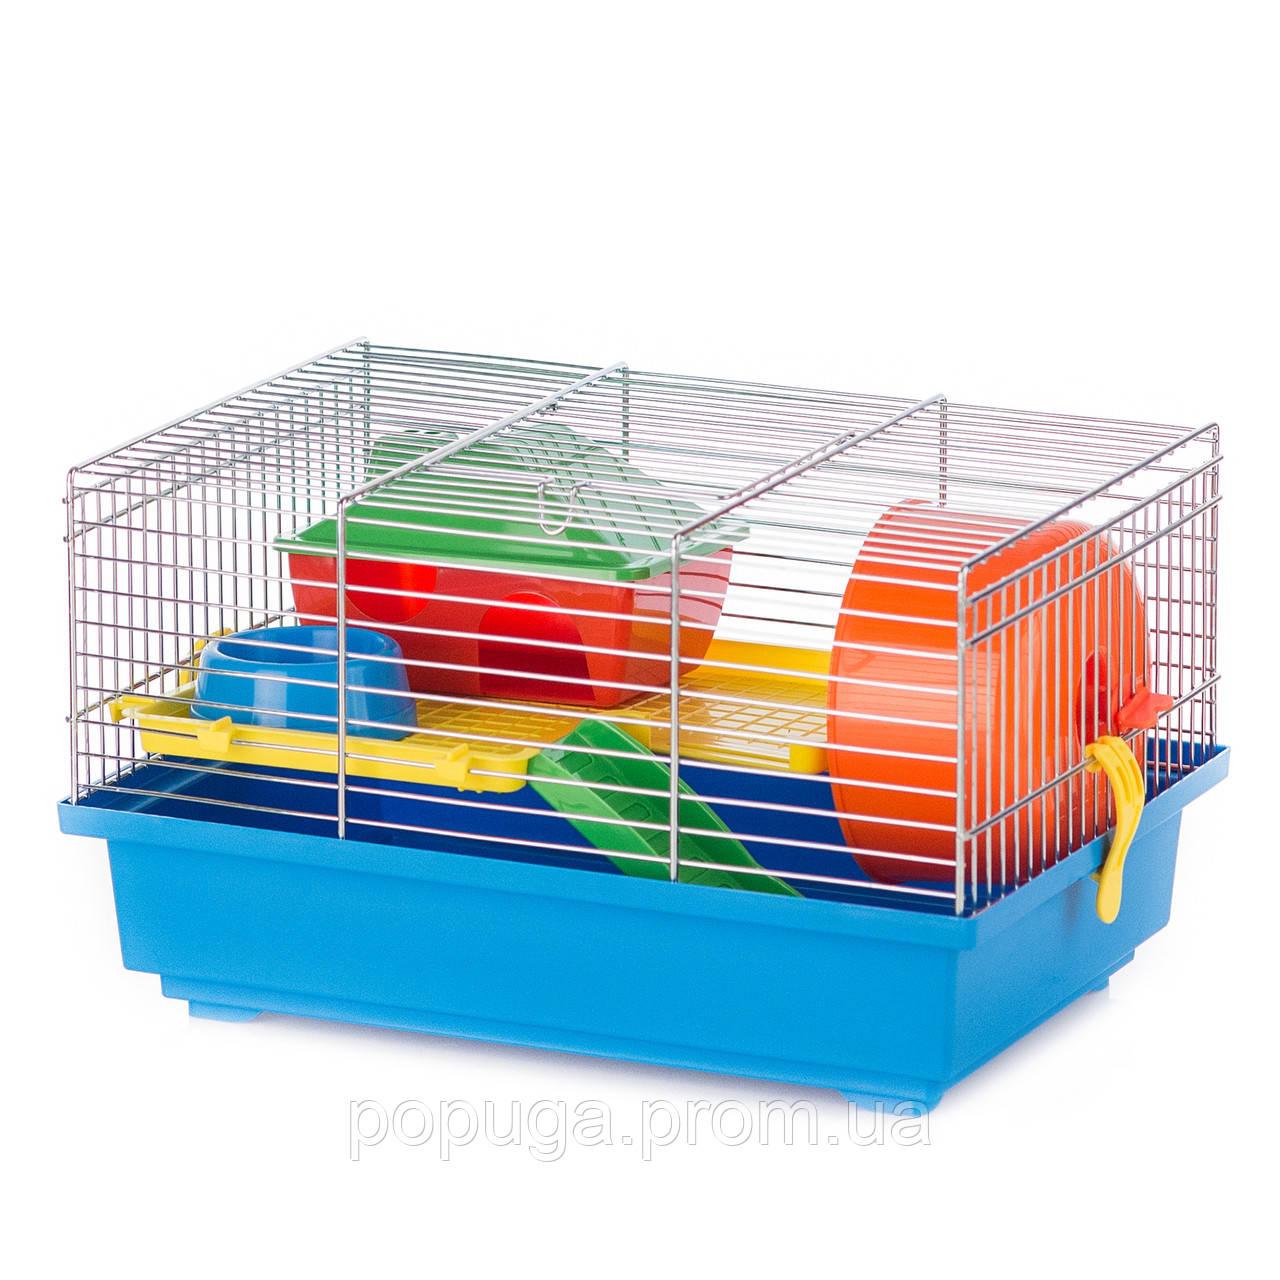 Клетка для грызунов, цинк TEDDY+PL InterZoo 36*24*21 см